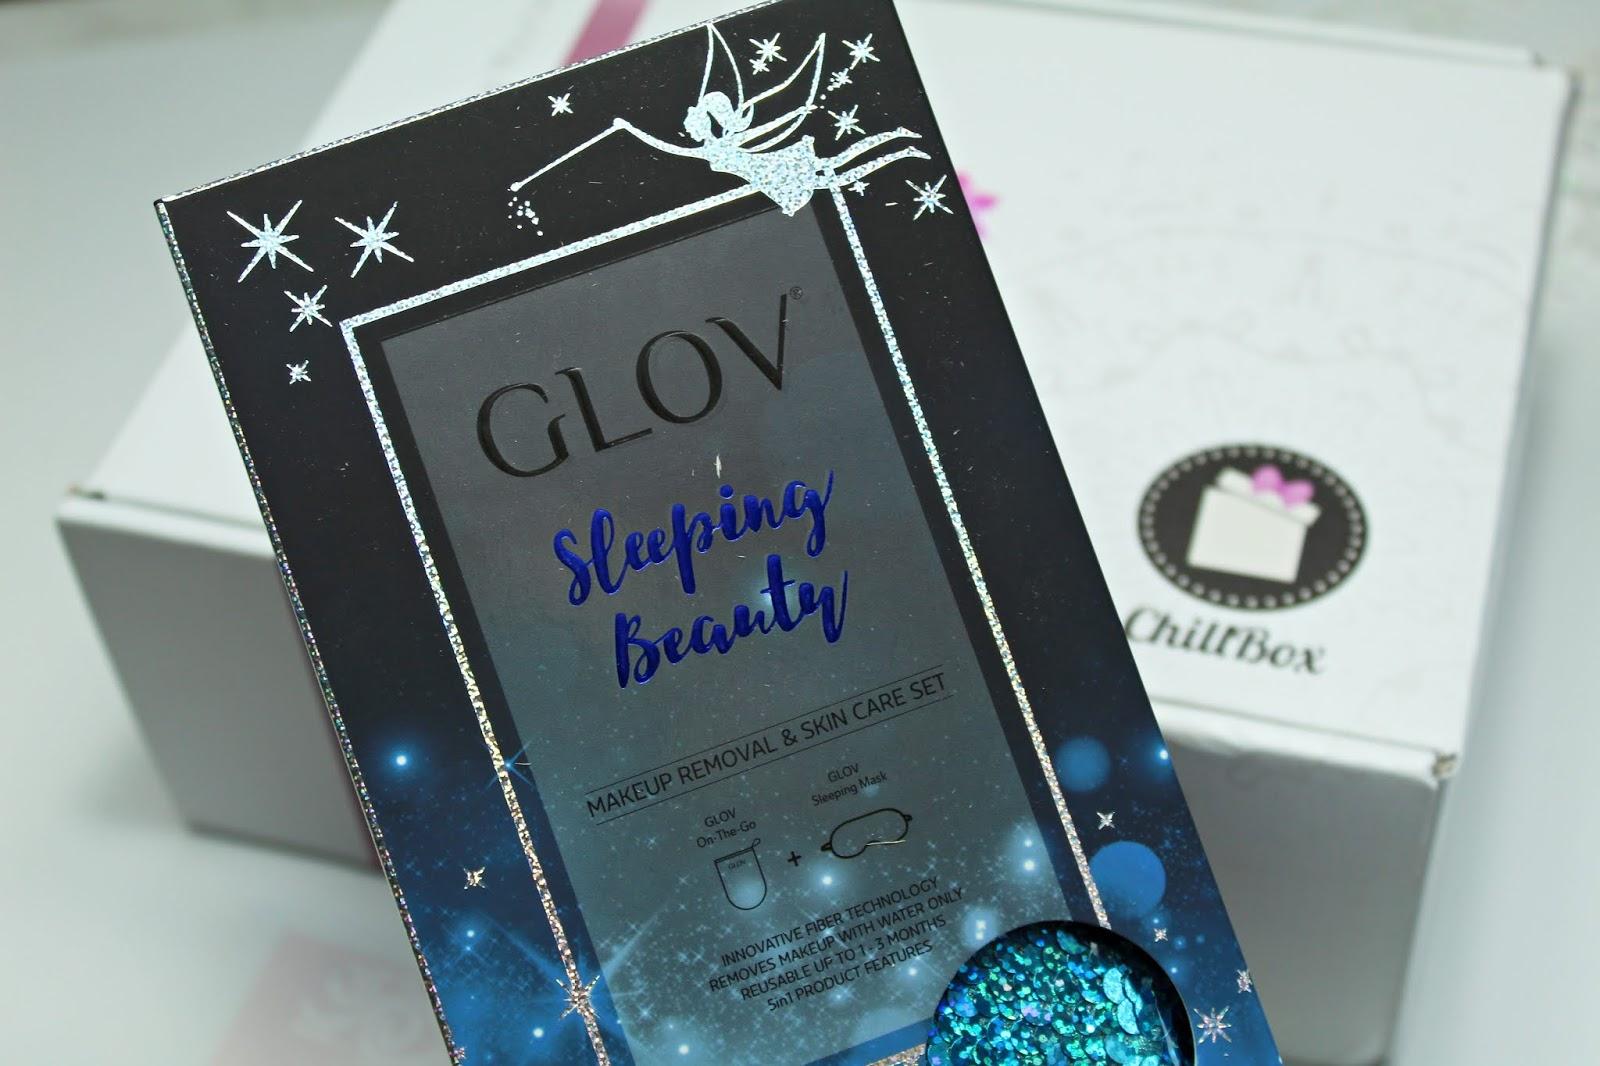 Zestaw Sleeping Beauty - GLOV